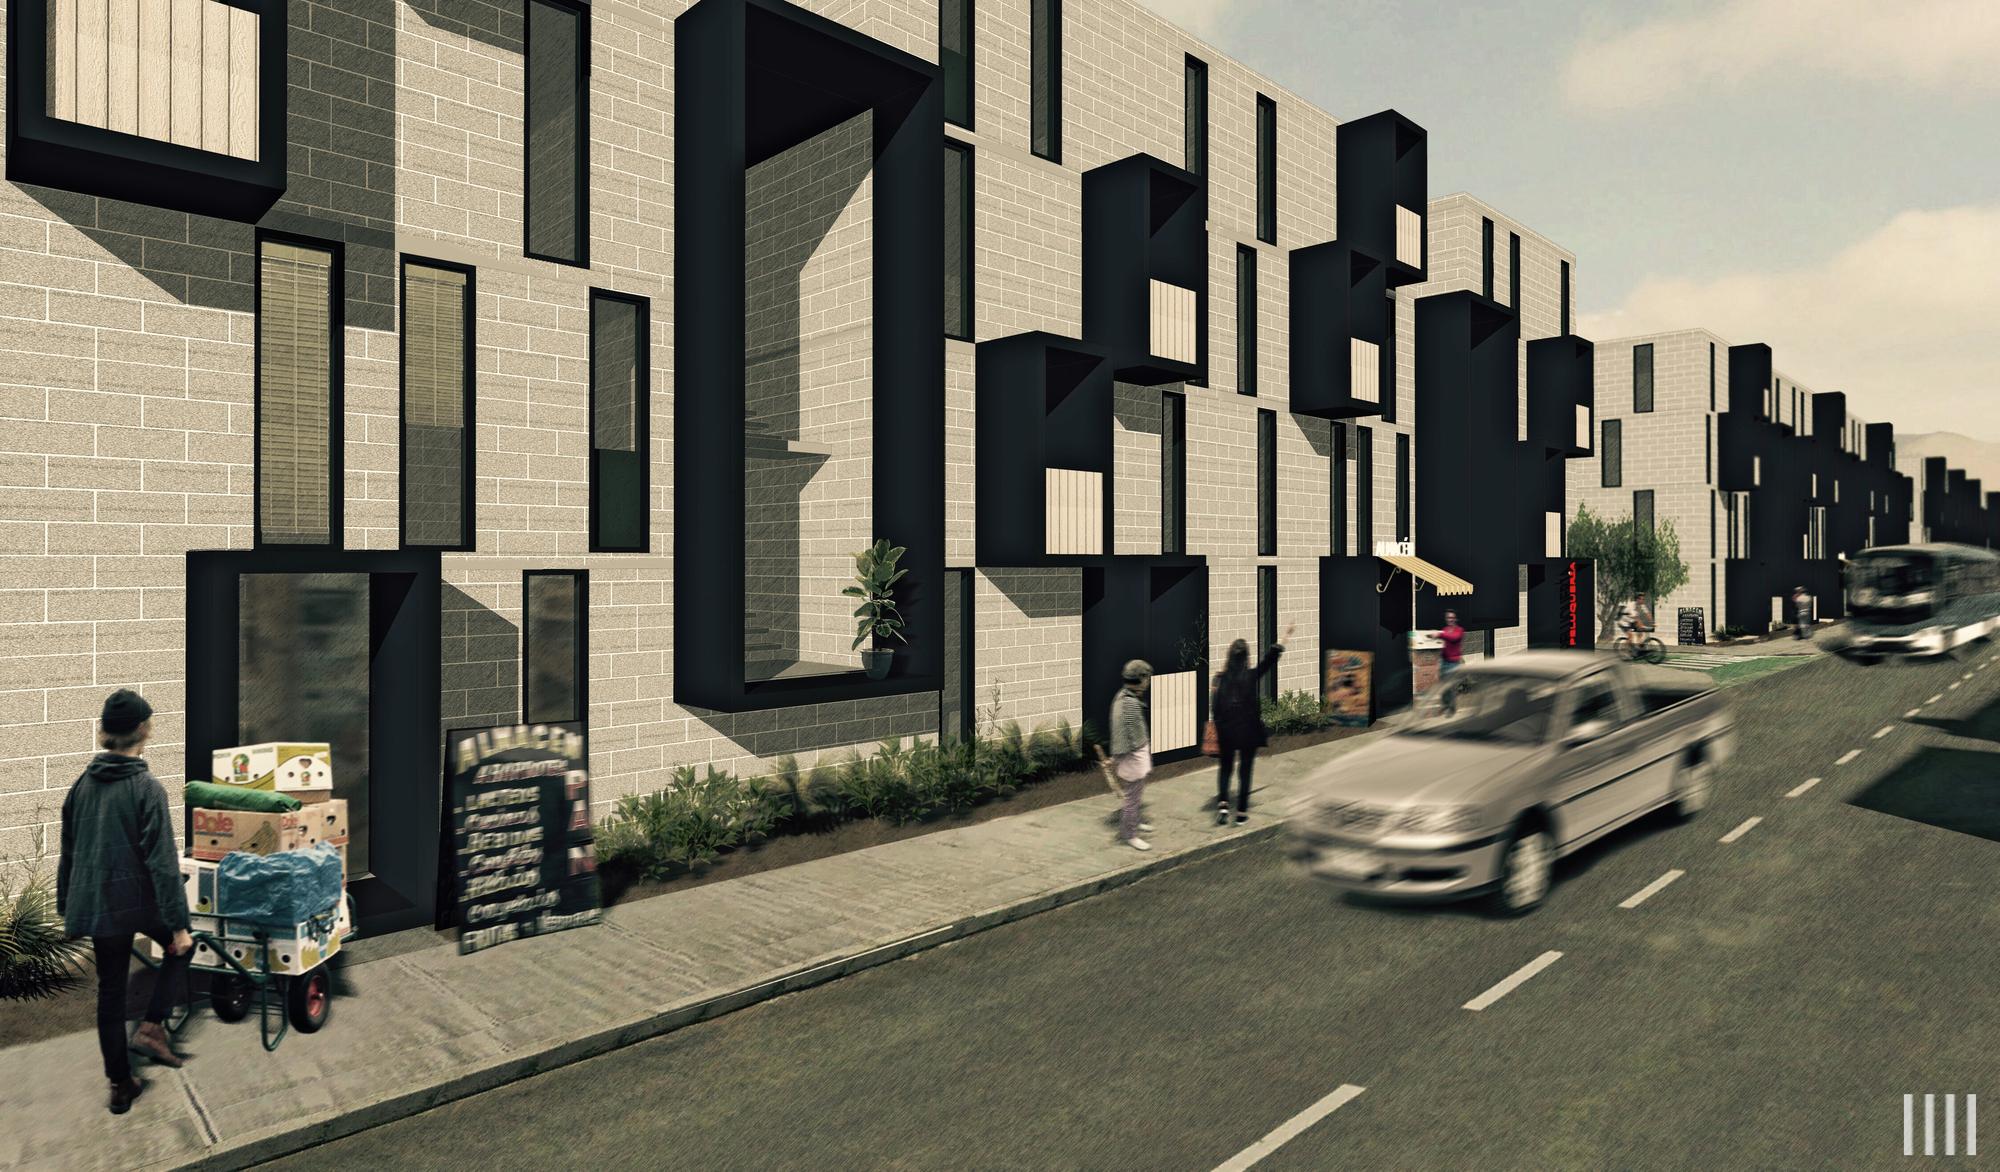 Primer lugar profesional en nuevo plan maestro urbano for Programas de arquitectura y diseno